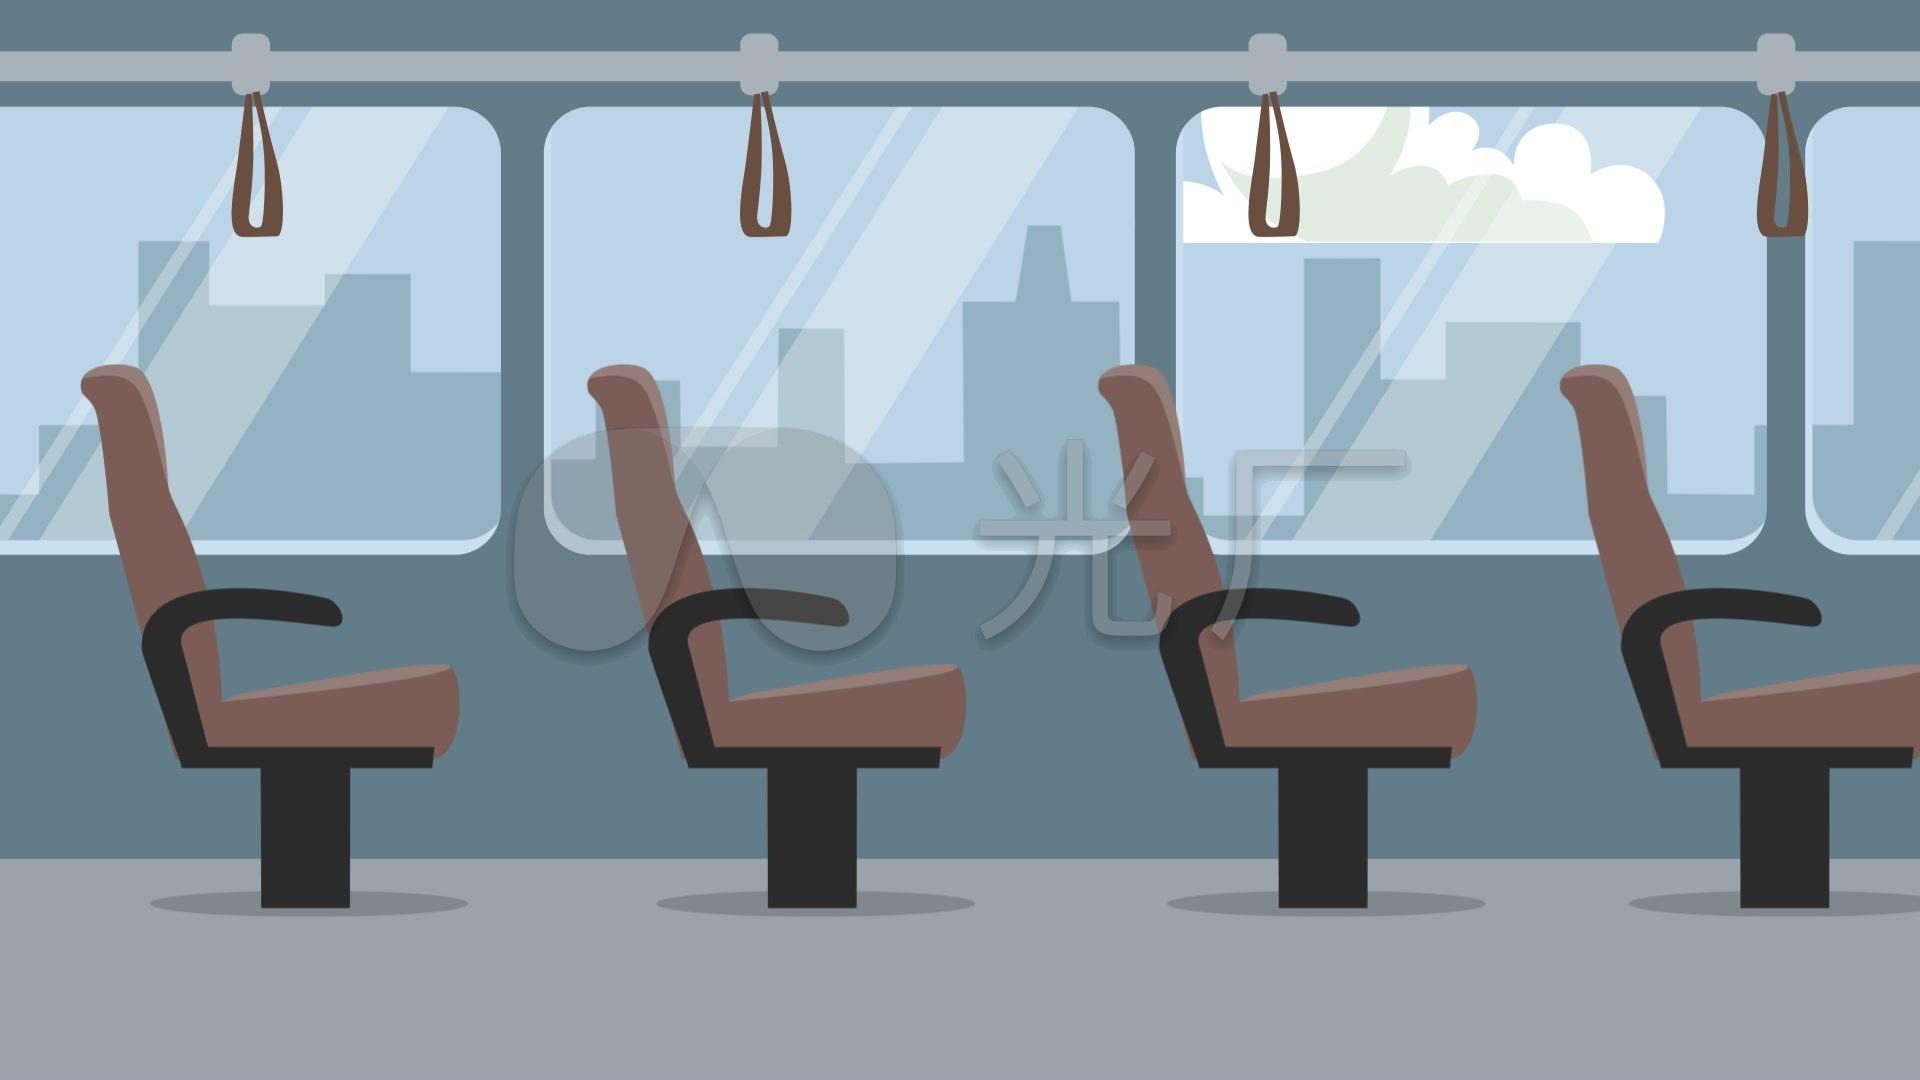 mg立体高清公交车_1920X1080_素材视频动画视频折纸素材图片